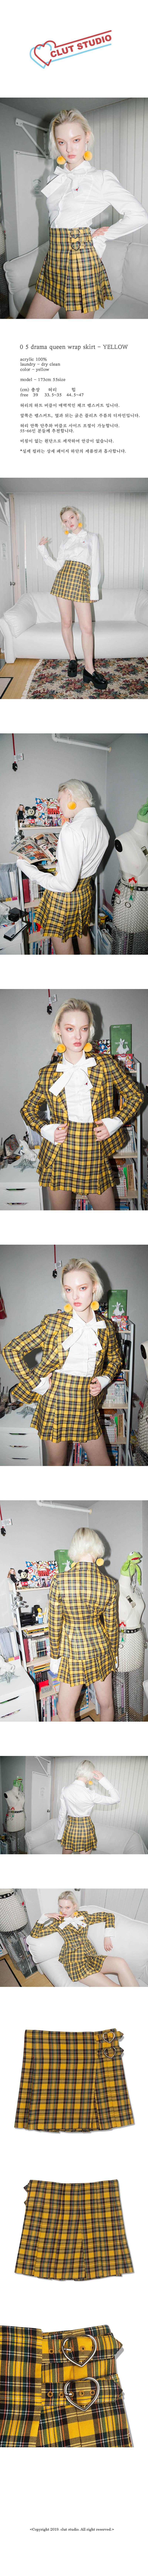 클럿 스튜디오(CLUT STUDIO) 0 5 드라마 퀸 랩 스커트 - 옐로